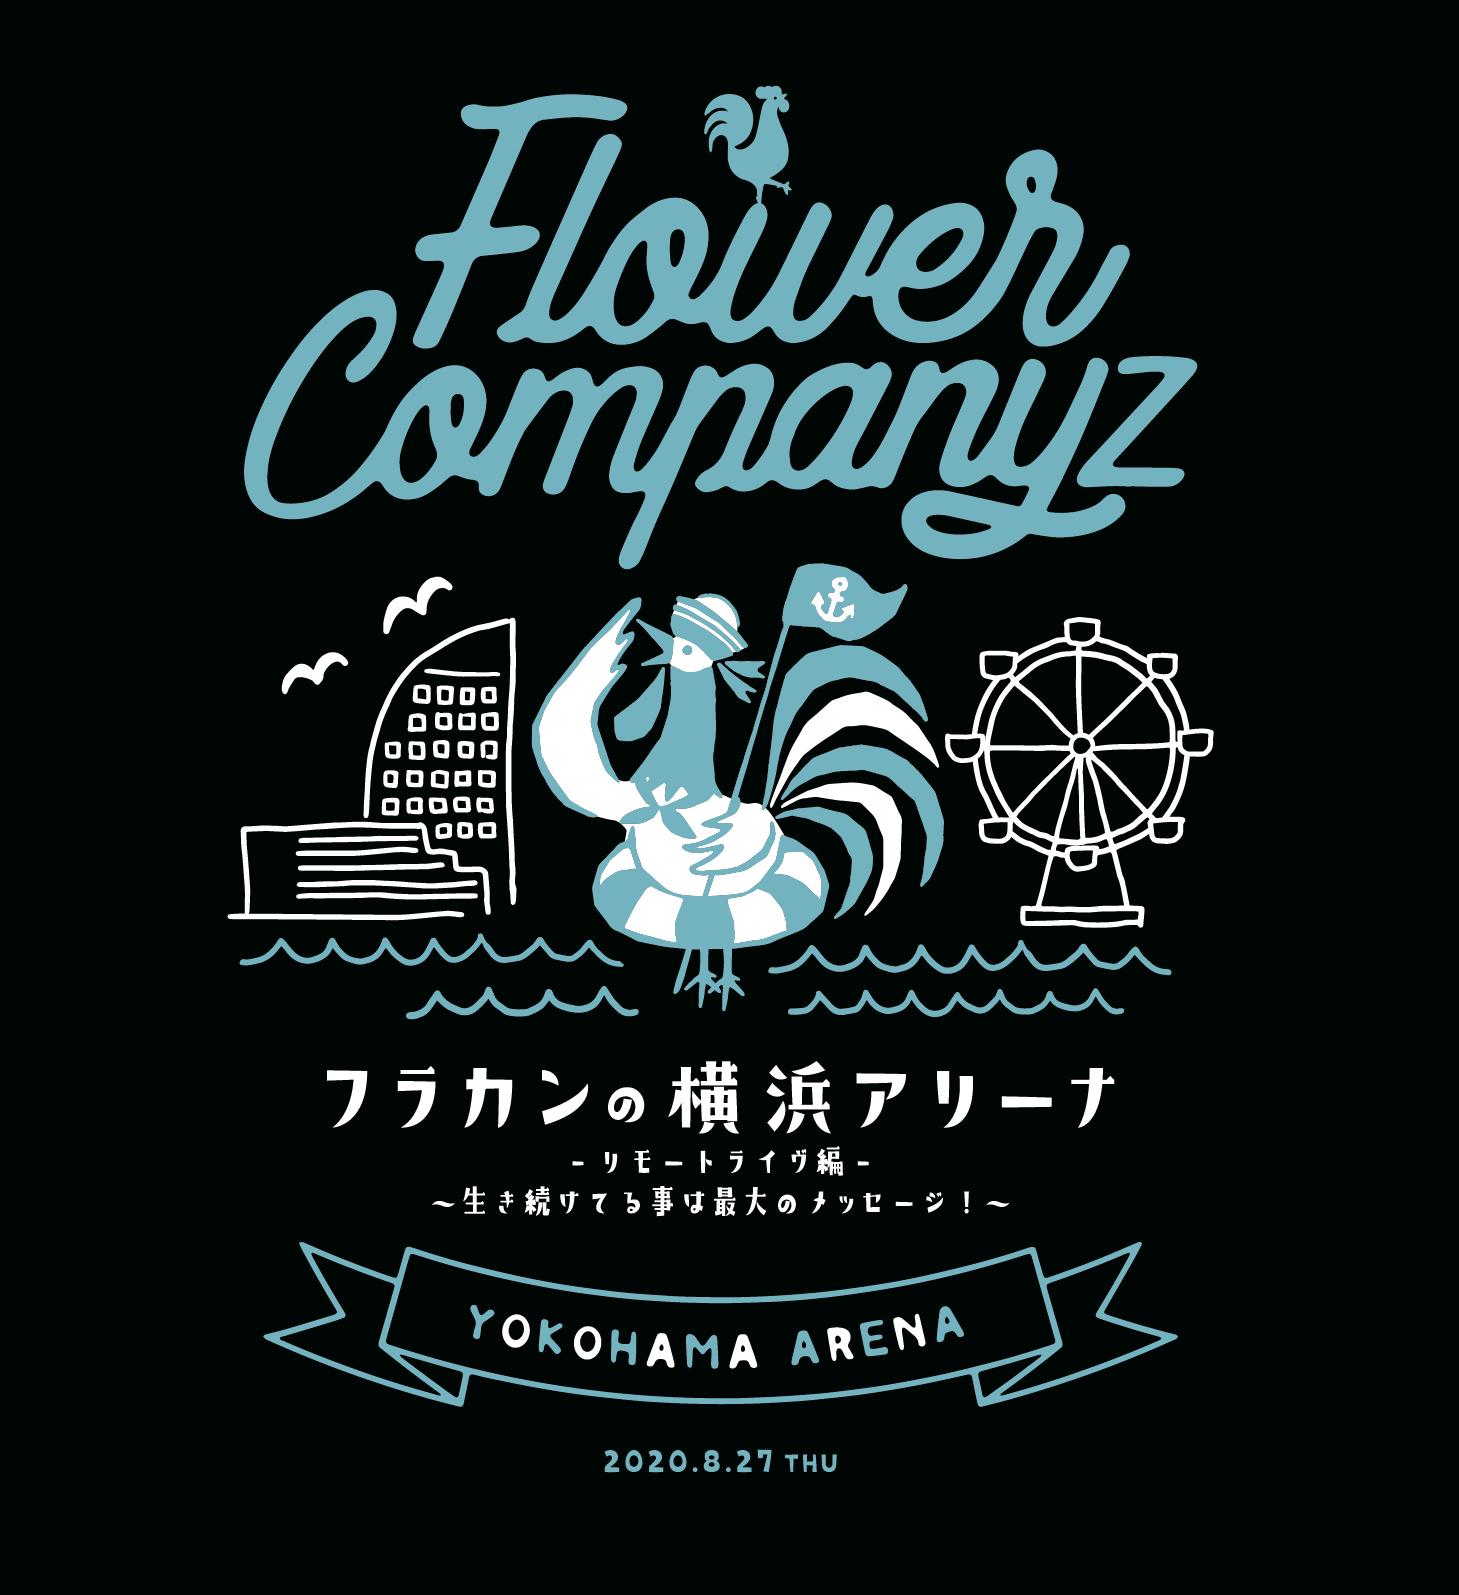 フラカンの横浜アリーナ Tシャツ(ブラック)